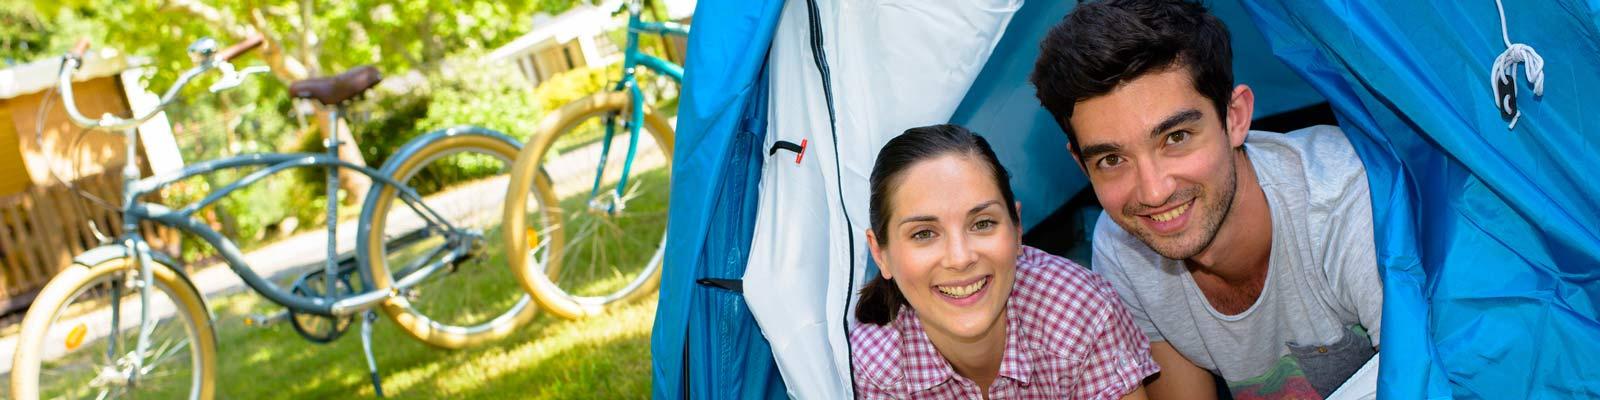 Camping louant des emplacements dans les Landes